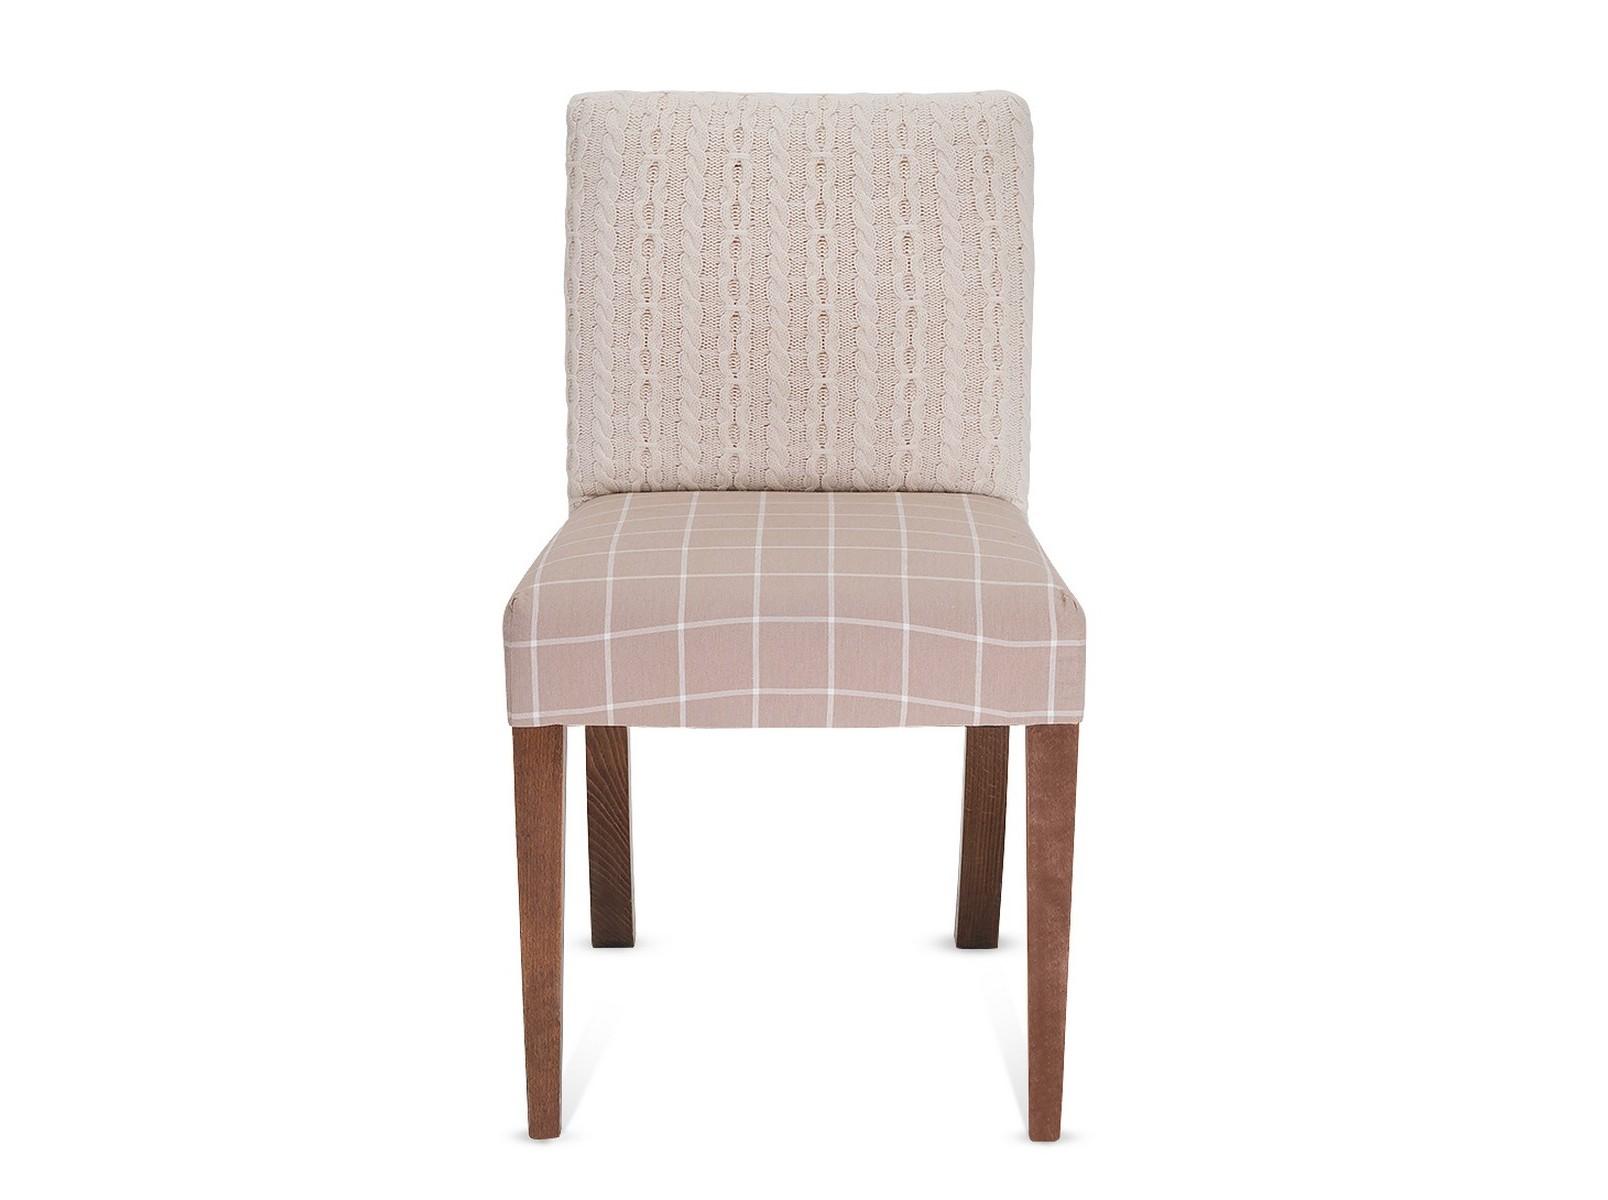 СтулОбеденные стулья<br>Мы прозвали эту пару просто и по-зимнему - стулья-свитерки. А все благодаря белоснежно белым вязанным спинкам. Поставьте стулья к камину, налейте глинтвейна и альпийское настроение уютного заснеженного шале возникнет и на подмосковной даче.<br><br>Material: Текстиль<br>Ширина см: 45<br>Высота см: 81<br>Глубина см: 43